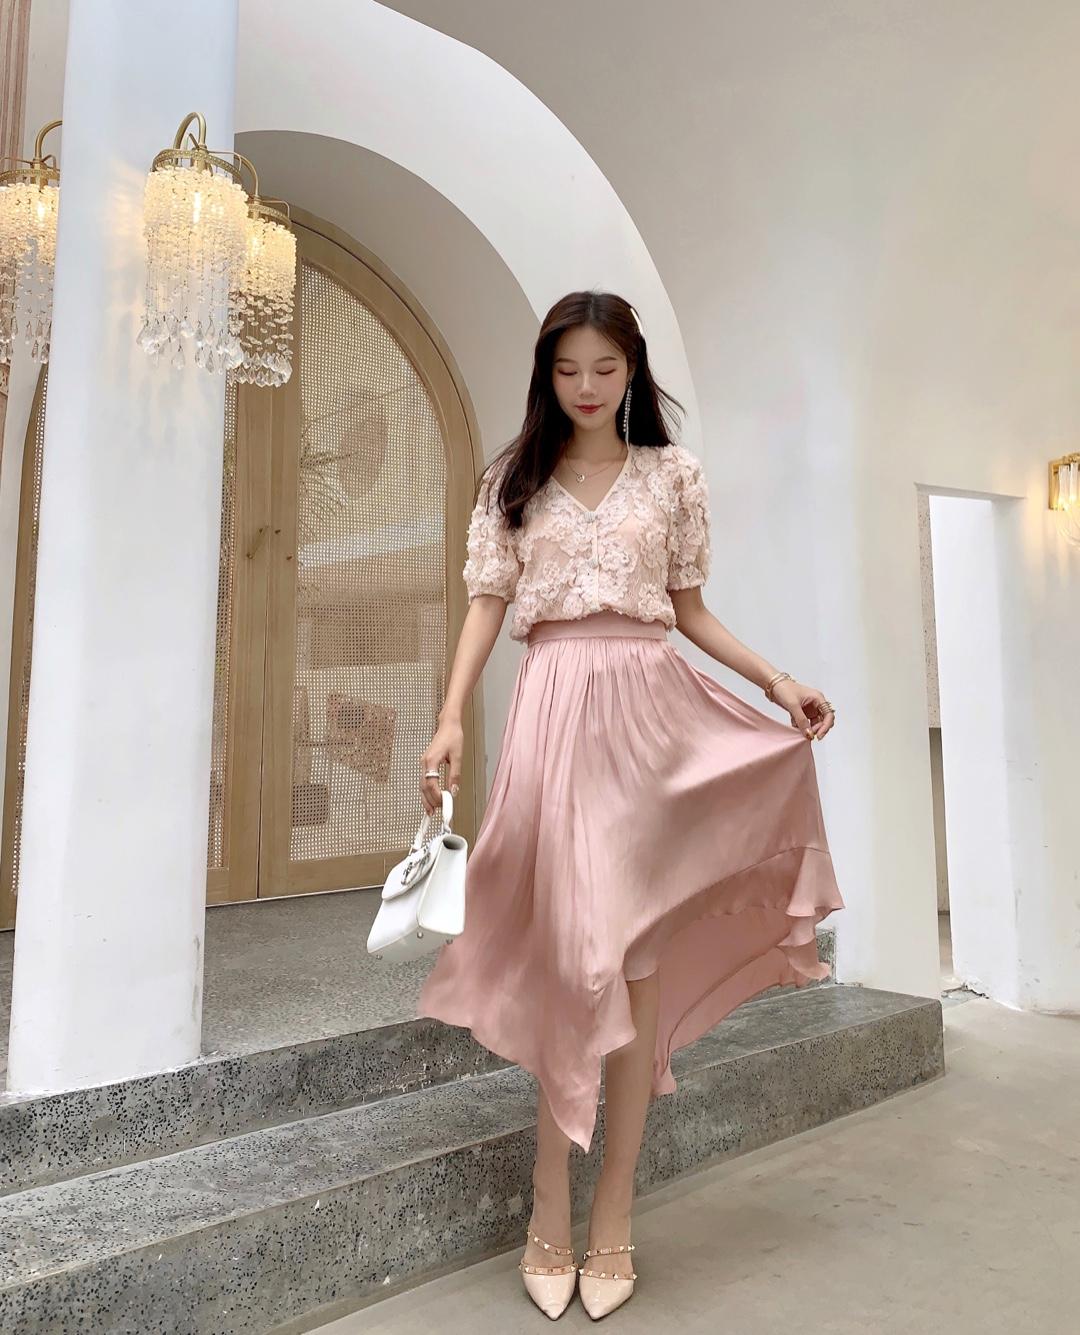 #法式穿搭,气质值+100!# 炒鸡有设计感的半身裙 不规则的设计  粉嫩嫩的减龄必备哦~ 颜色蛮显白的 好搭配衣服 穿着洋气